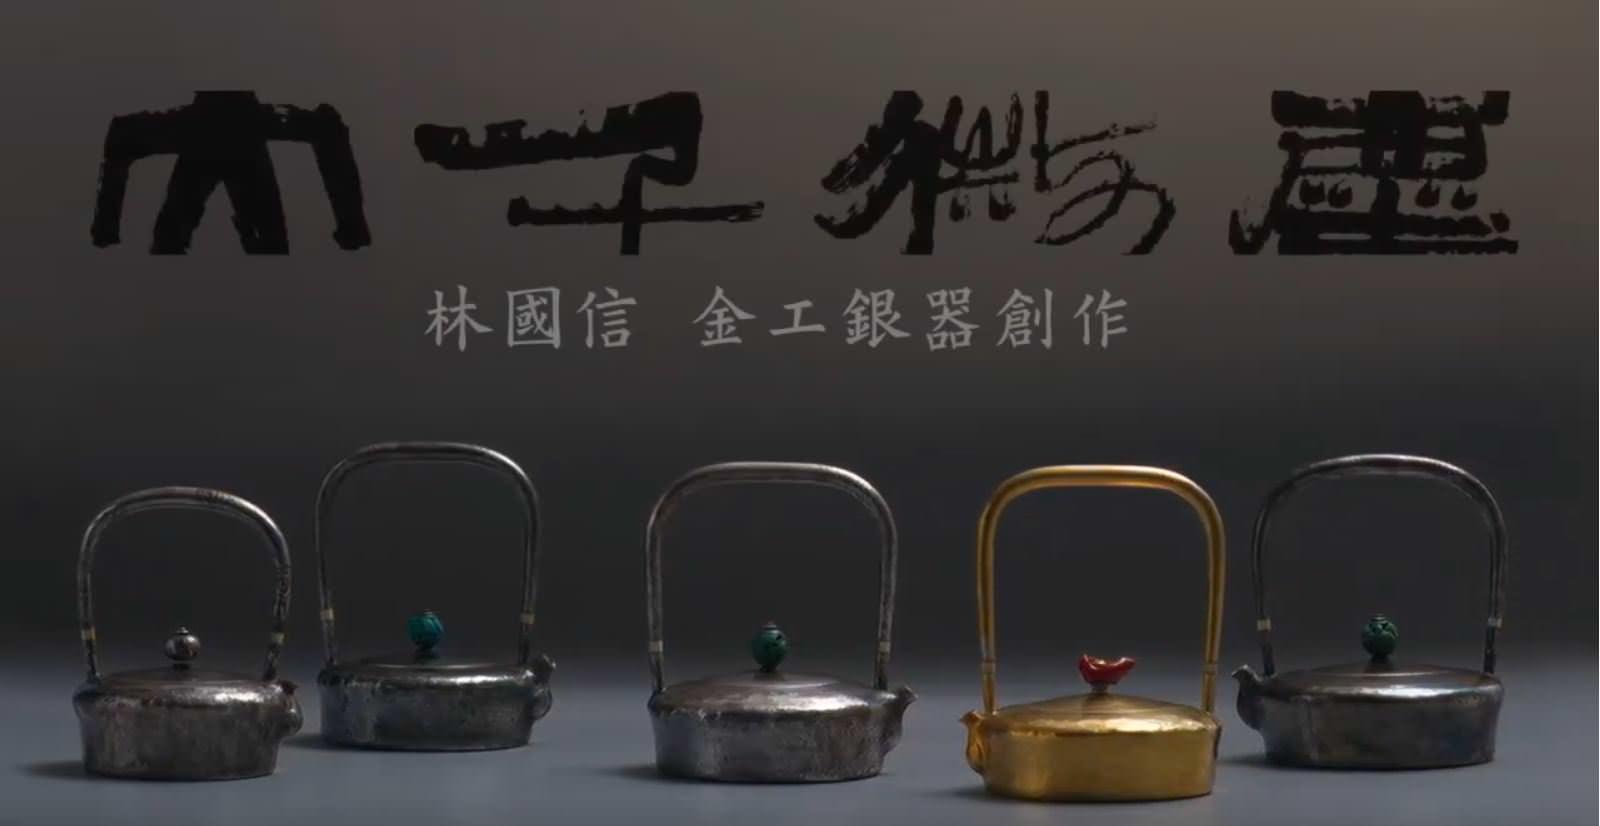 大千微塵 林國信金工銀壺作品發表影片